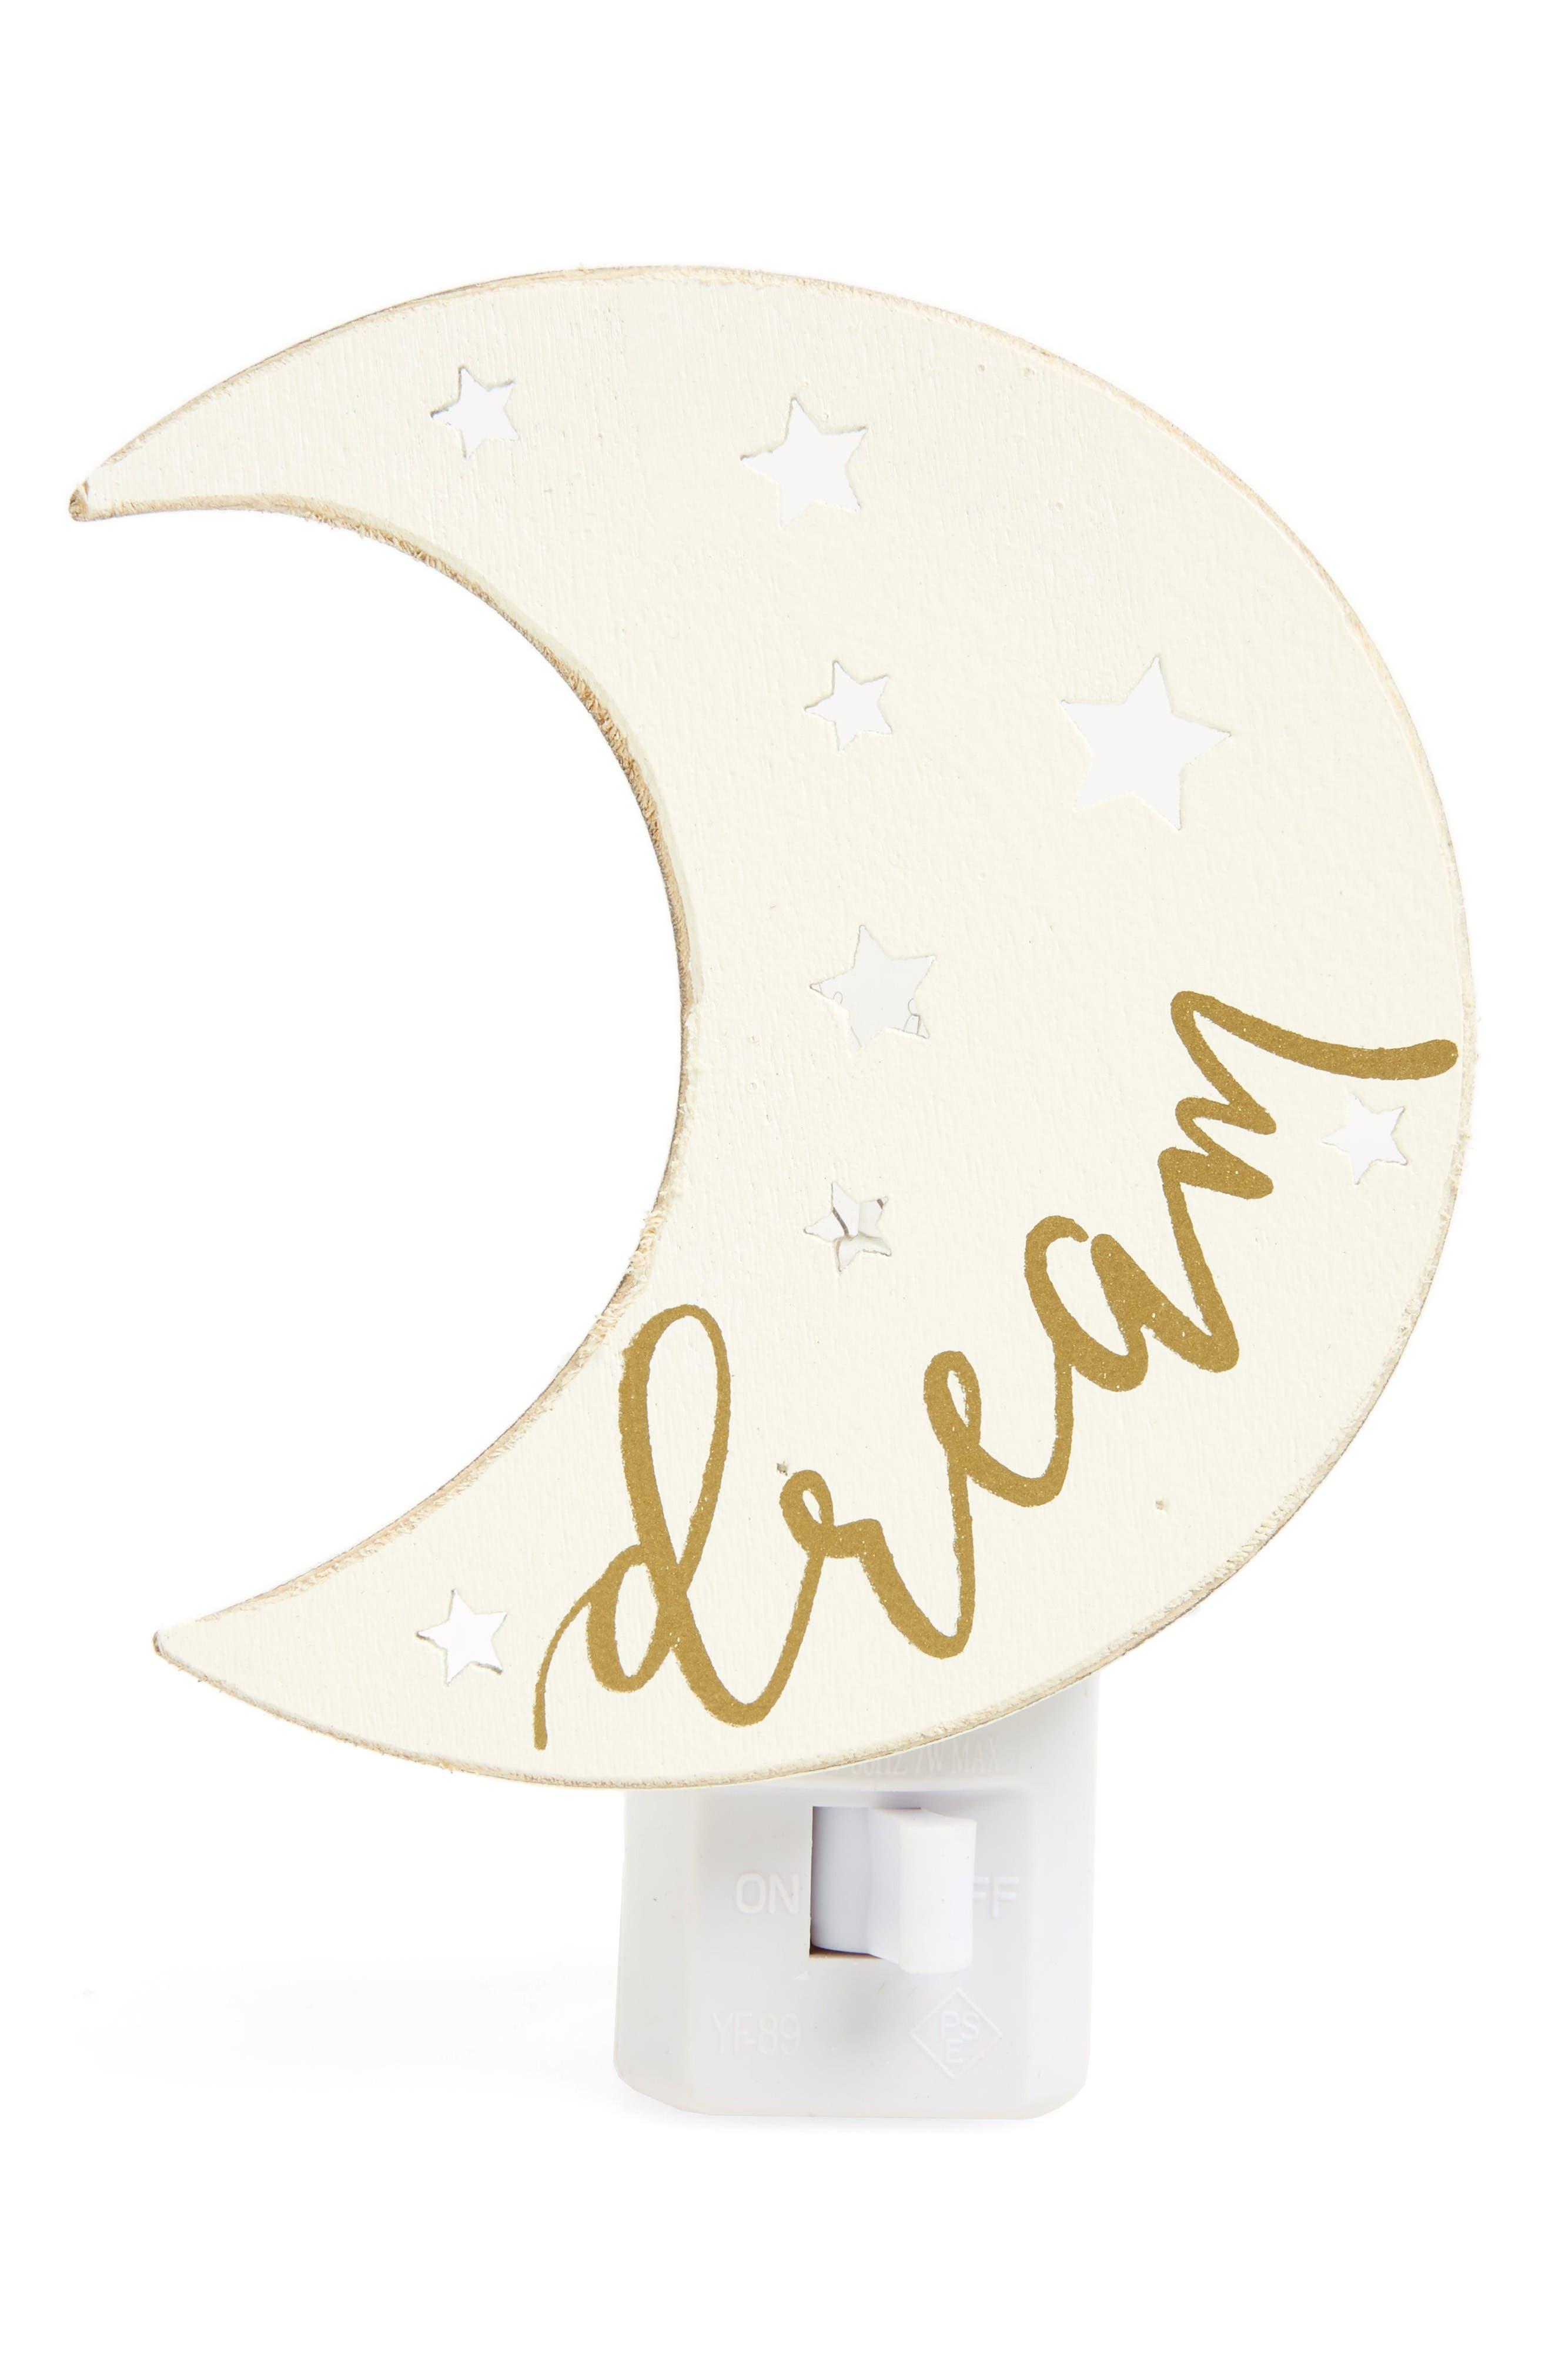 Mud Pie Dream Moon Night Light